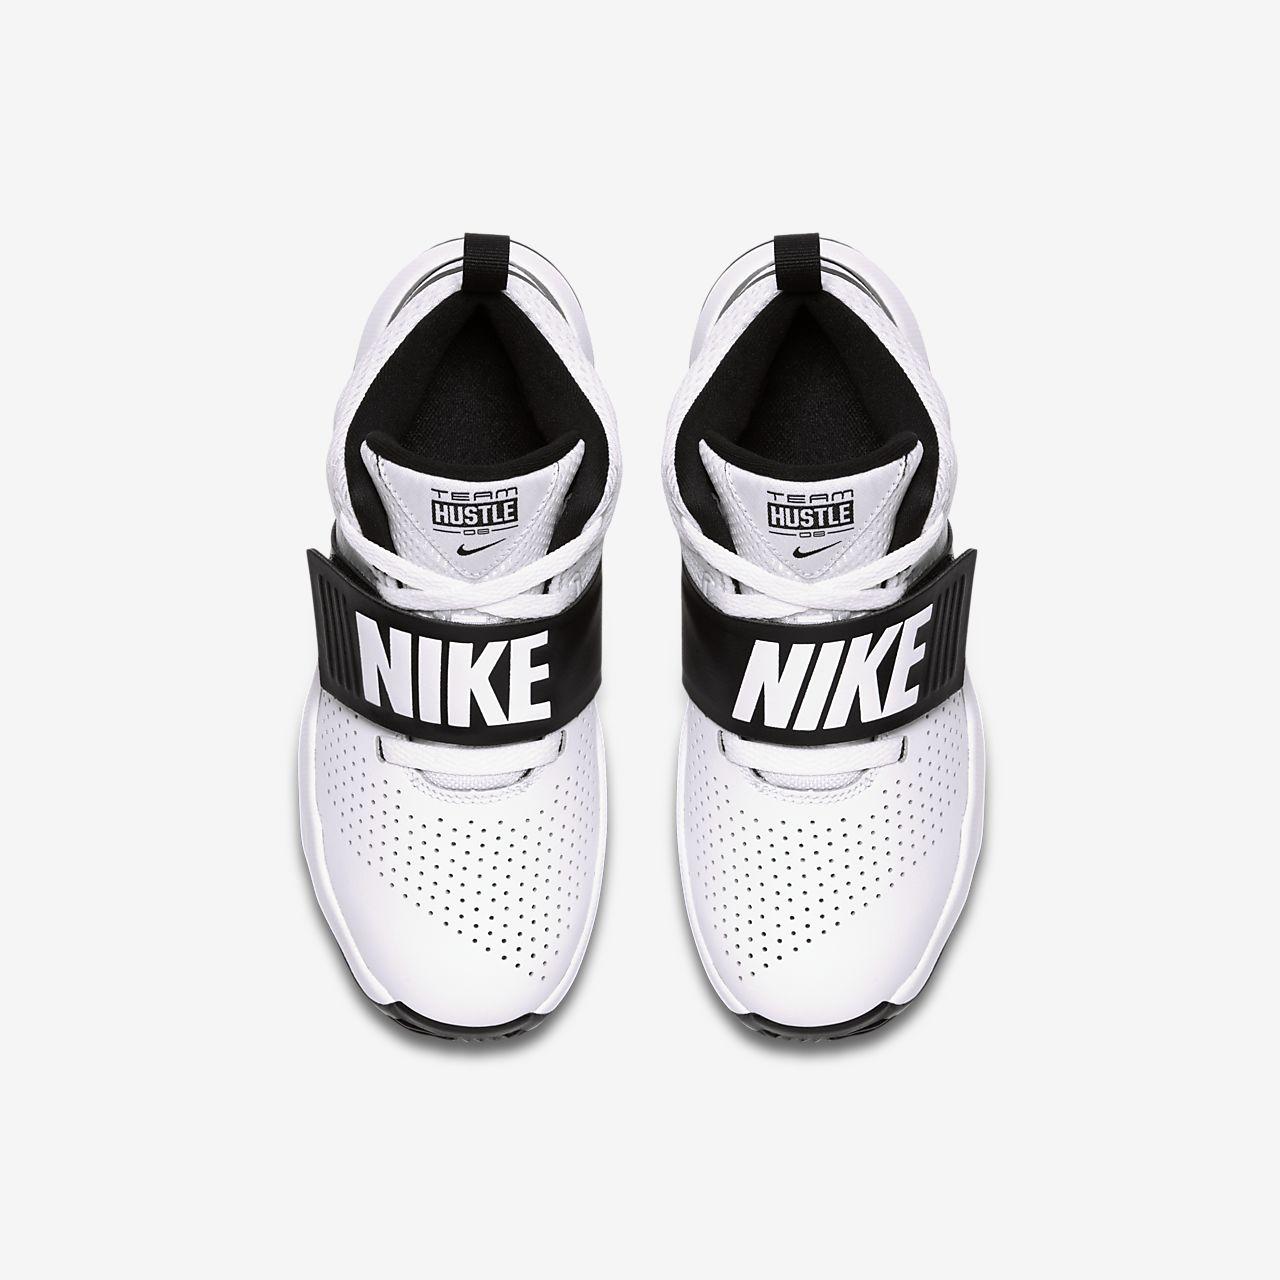 huge selection of 6fe18 a3d77 ... Chaussure de basketball Nike Team Hustle D 8 pour Jeune enfant